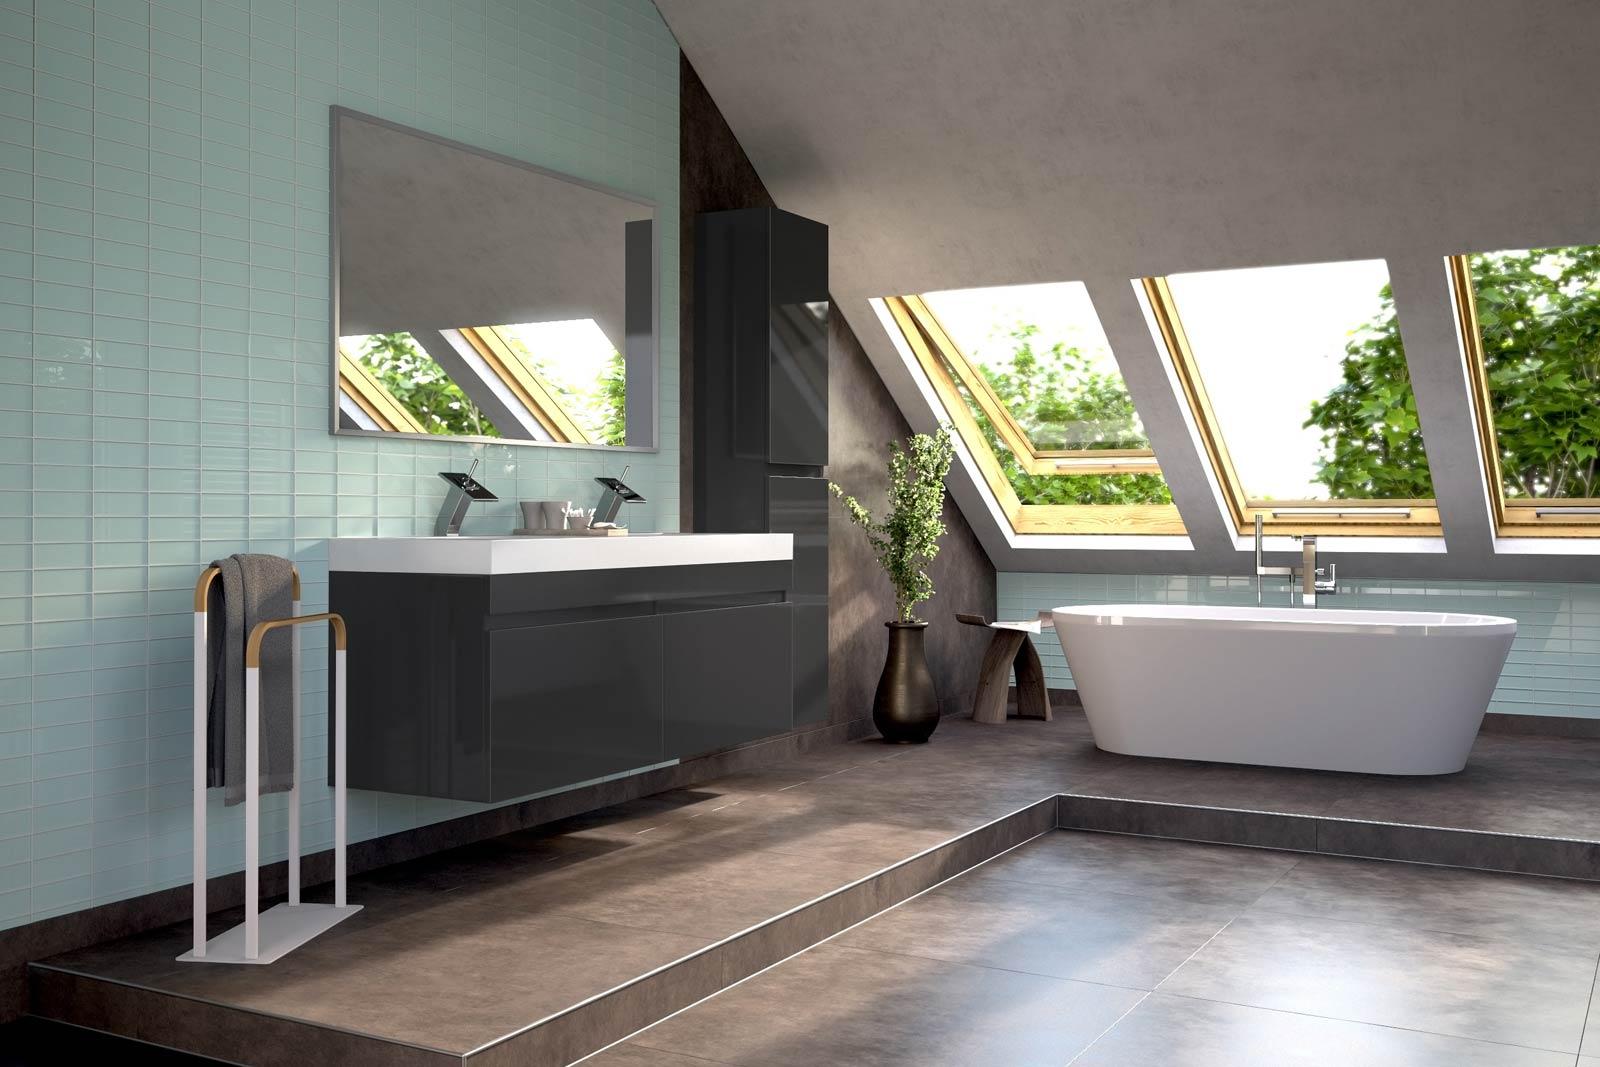 badmobel schwarz, sam® badmöbel set 3tlg doppelwaschtisch 140 cm schwarz parma demnächst !, Design ideen